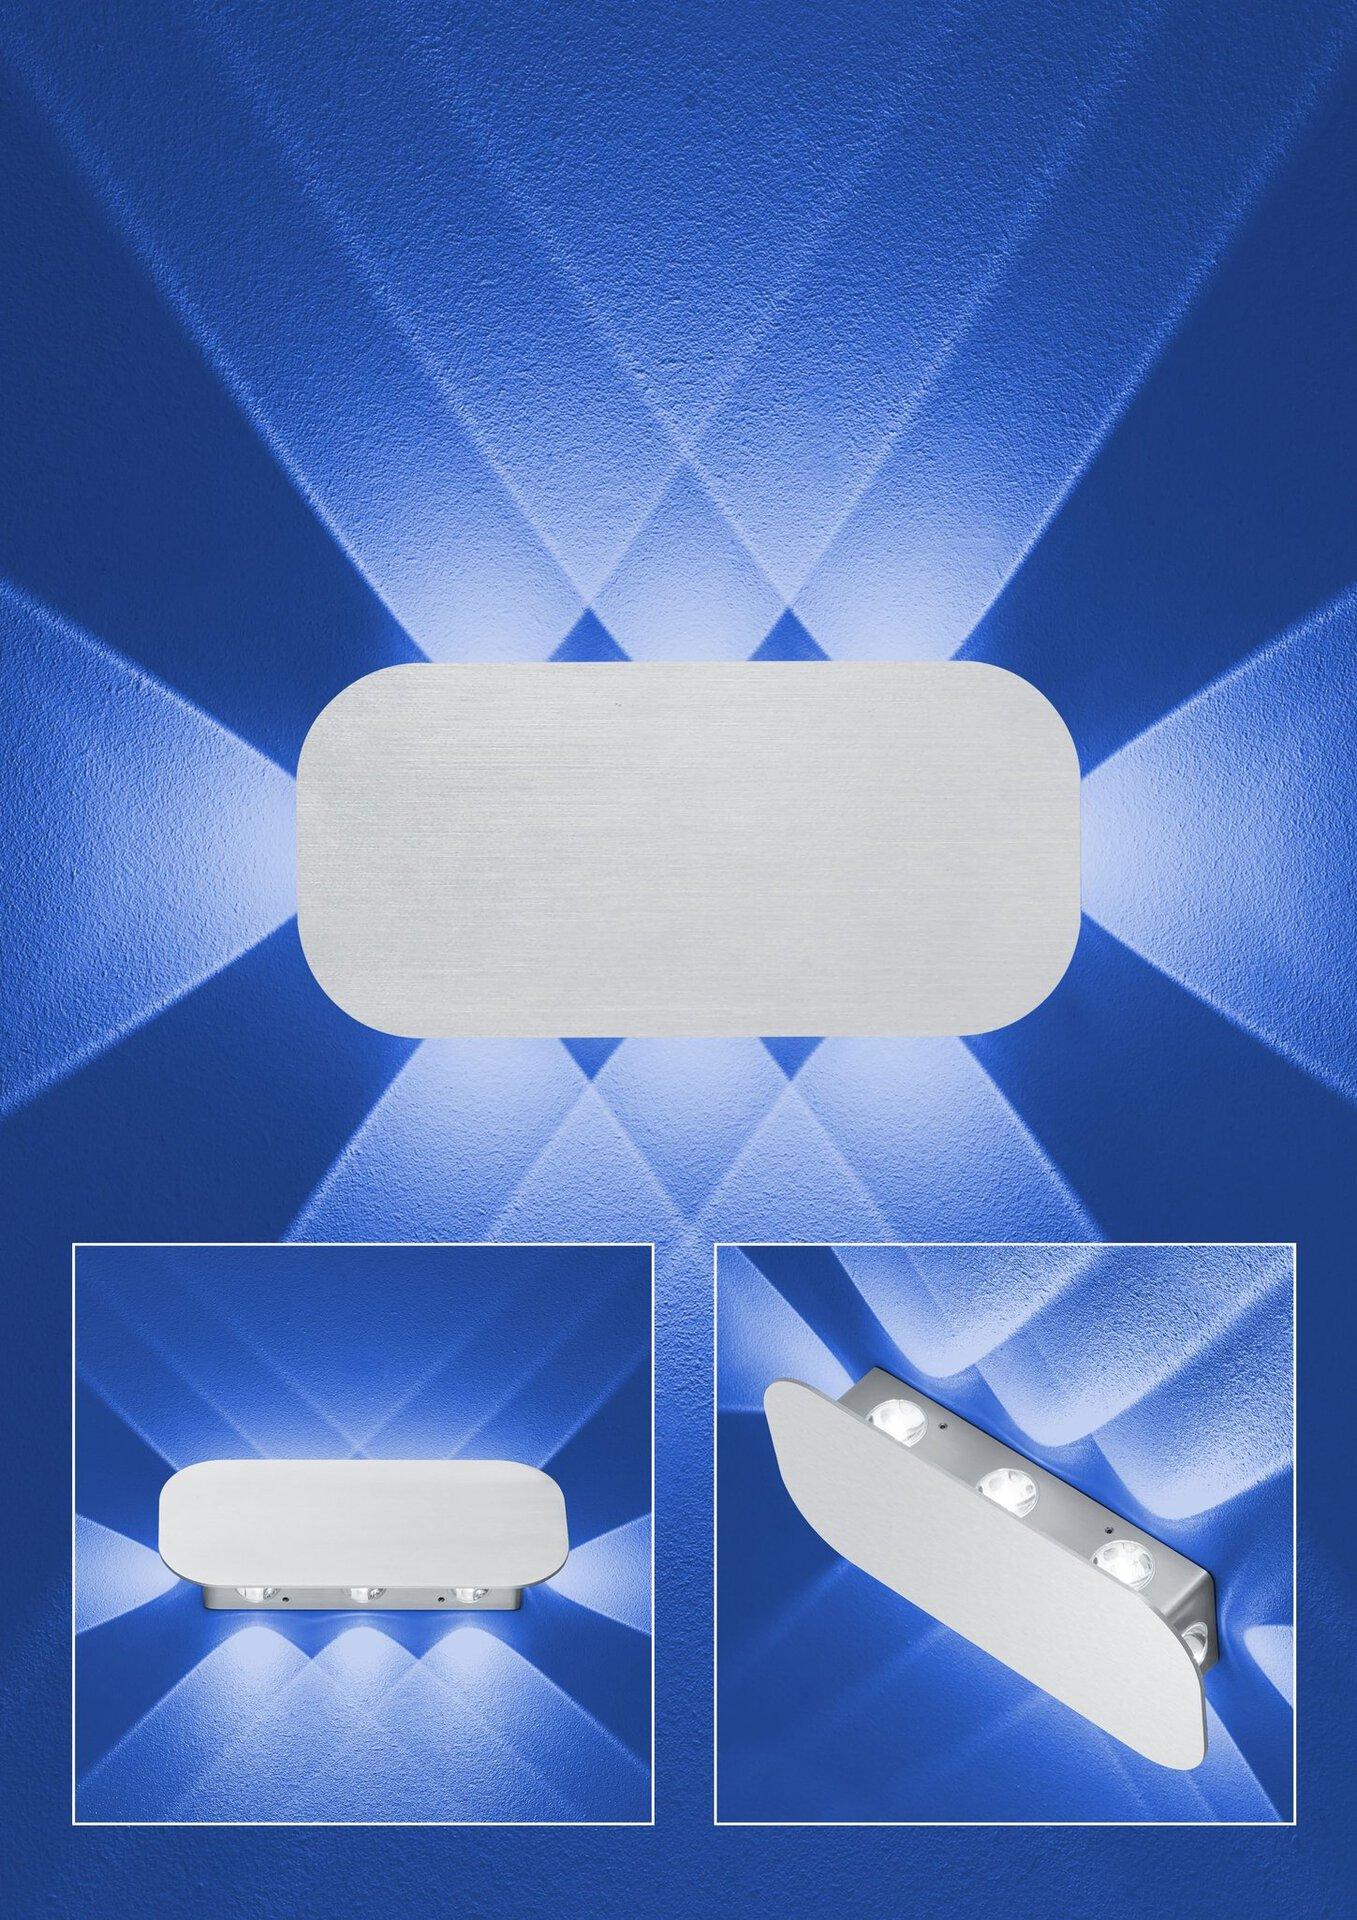 Wand-Aussenleuchte PRINCE B-Leuchten Metall 25 x 12 x 4 cm